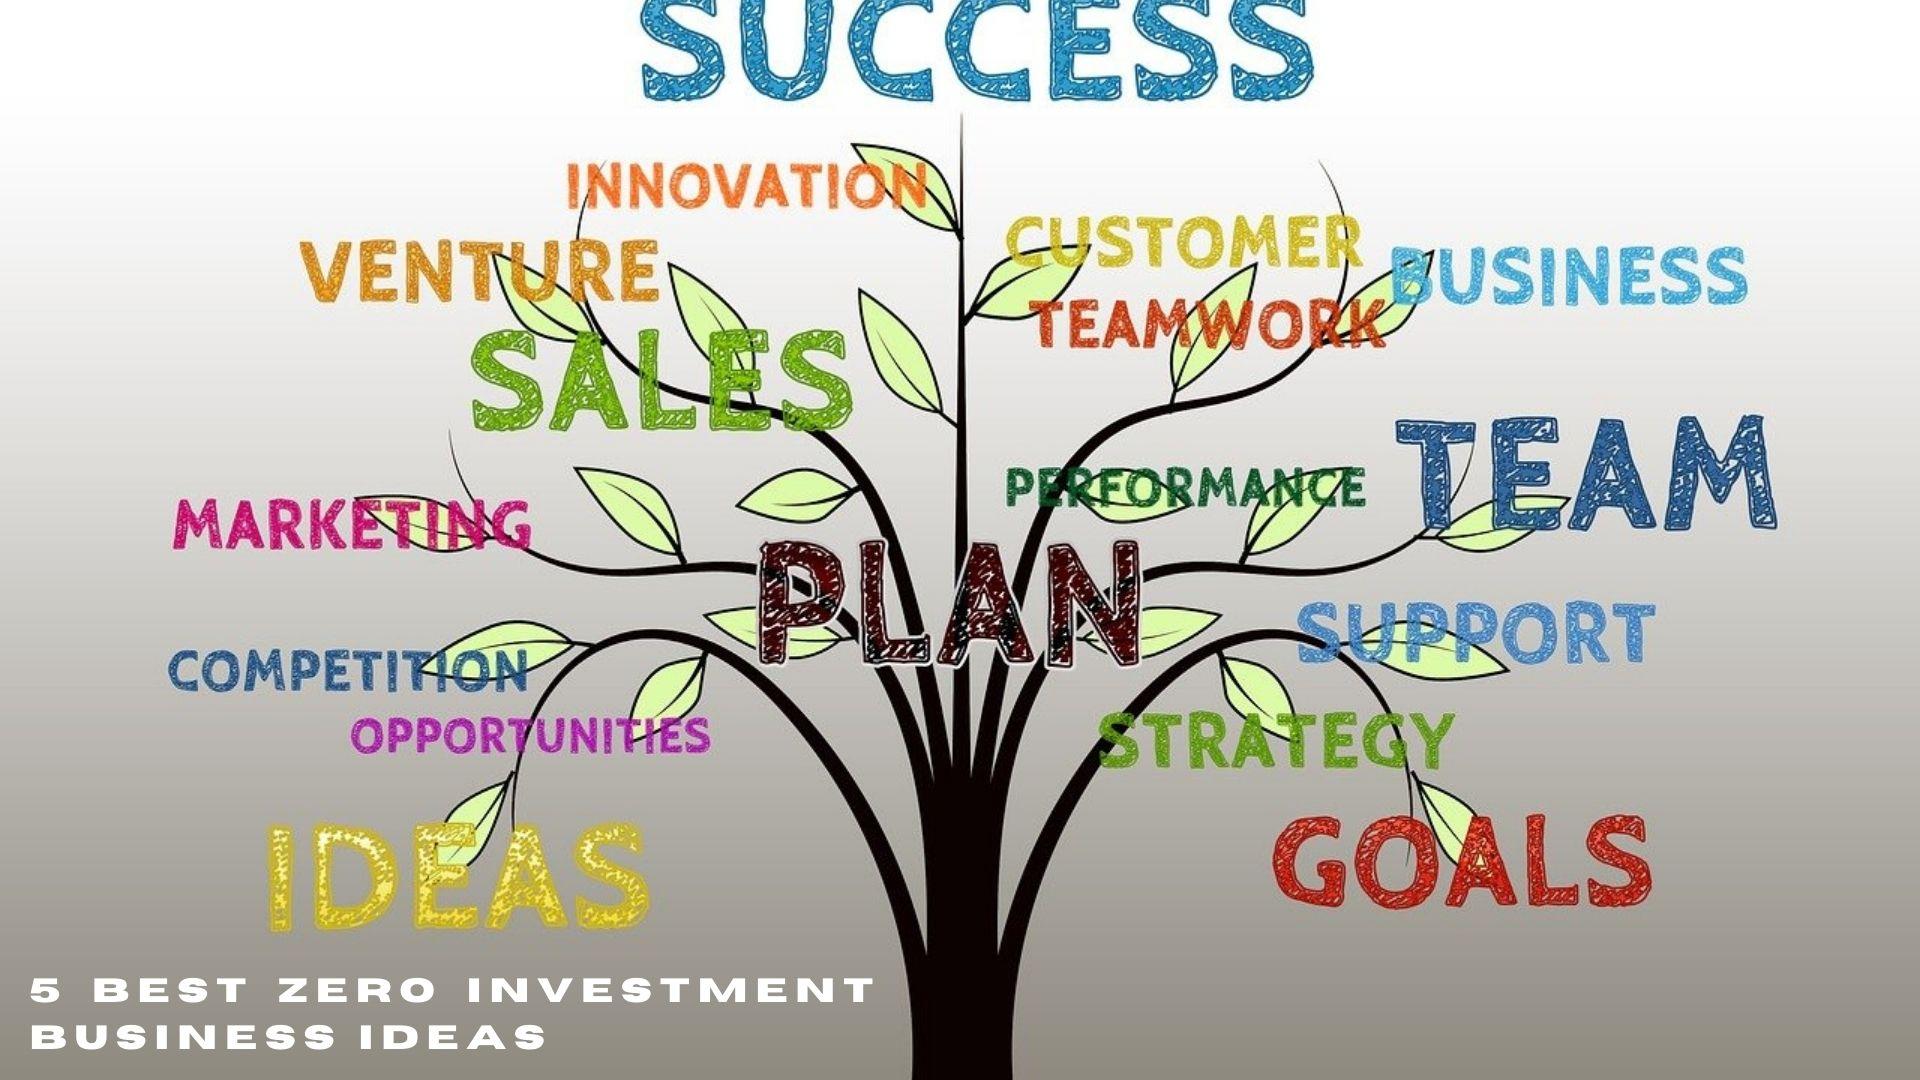 5 Best Zero Investment Business ideas